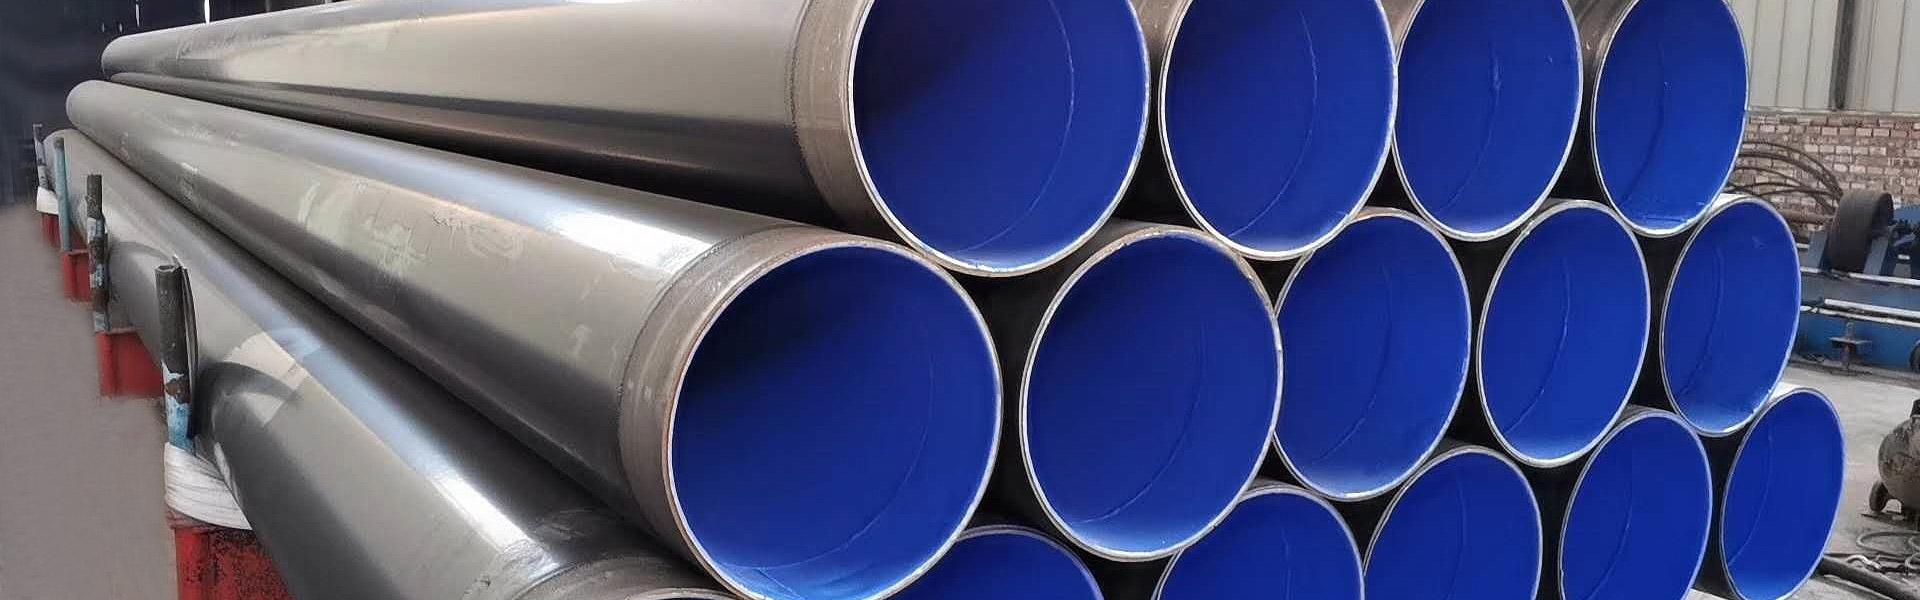 保證3PE防腐鋼管厚度的均勻一致該進行哪些操作?